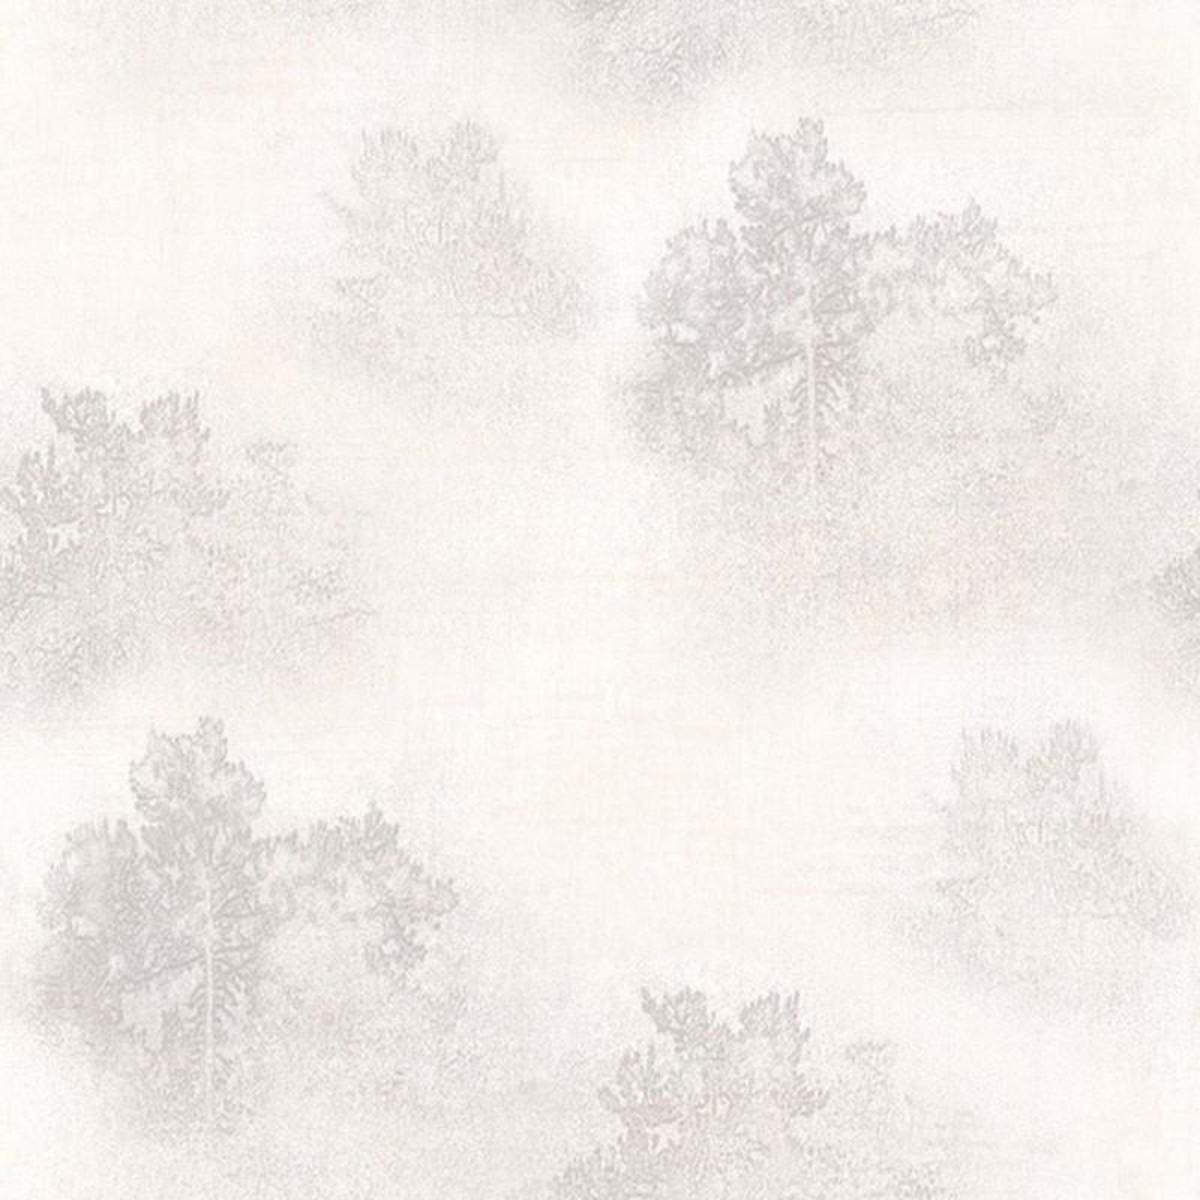 Обои флизелиновые Decoprint Selena белые 0.53 м SL18150